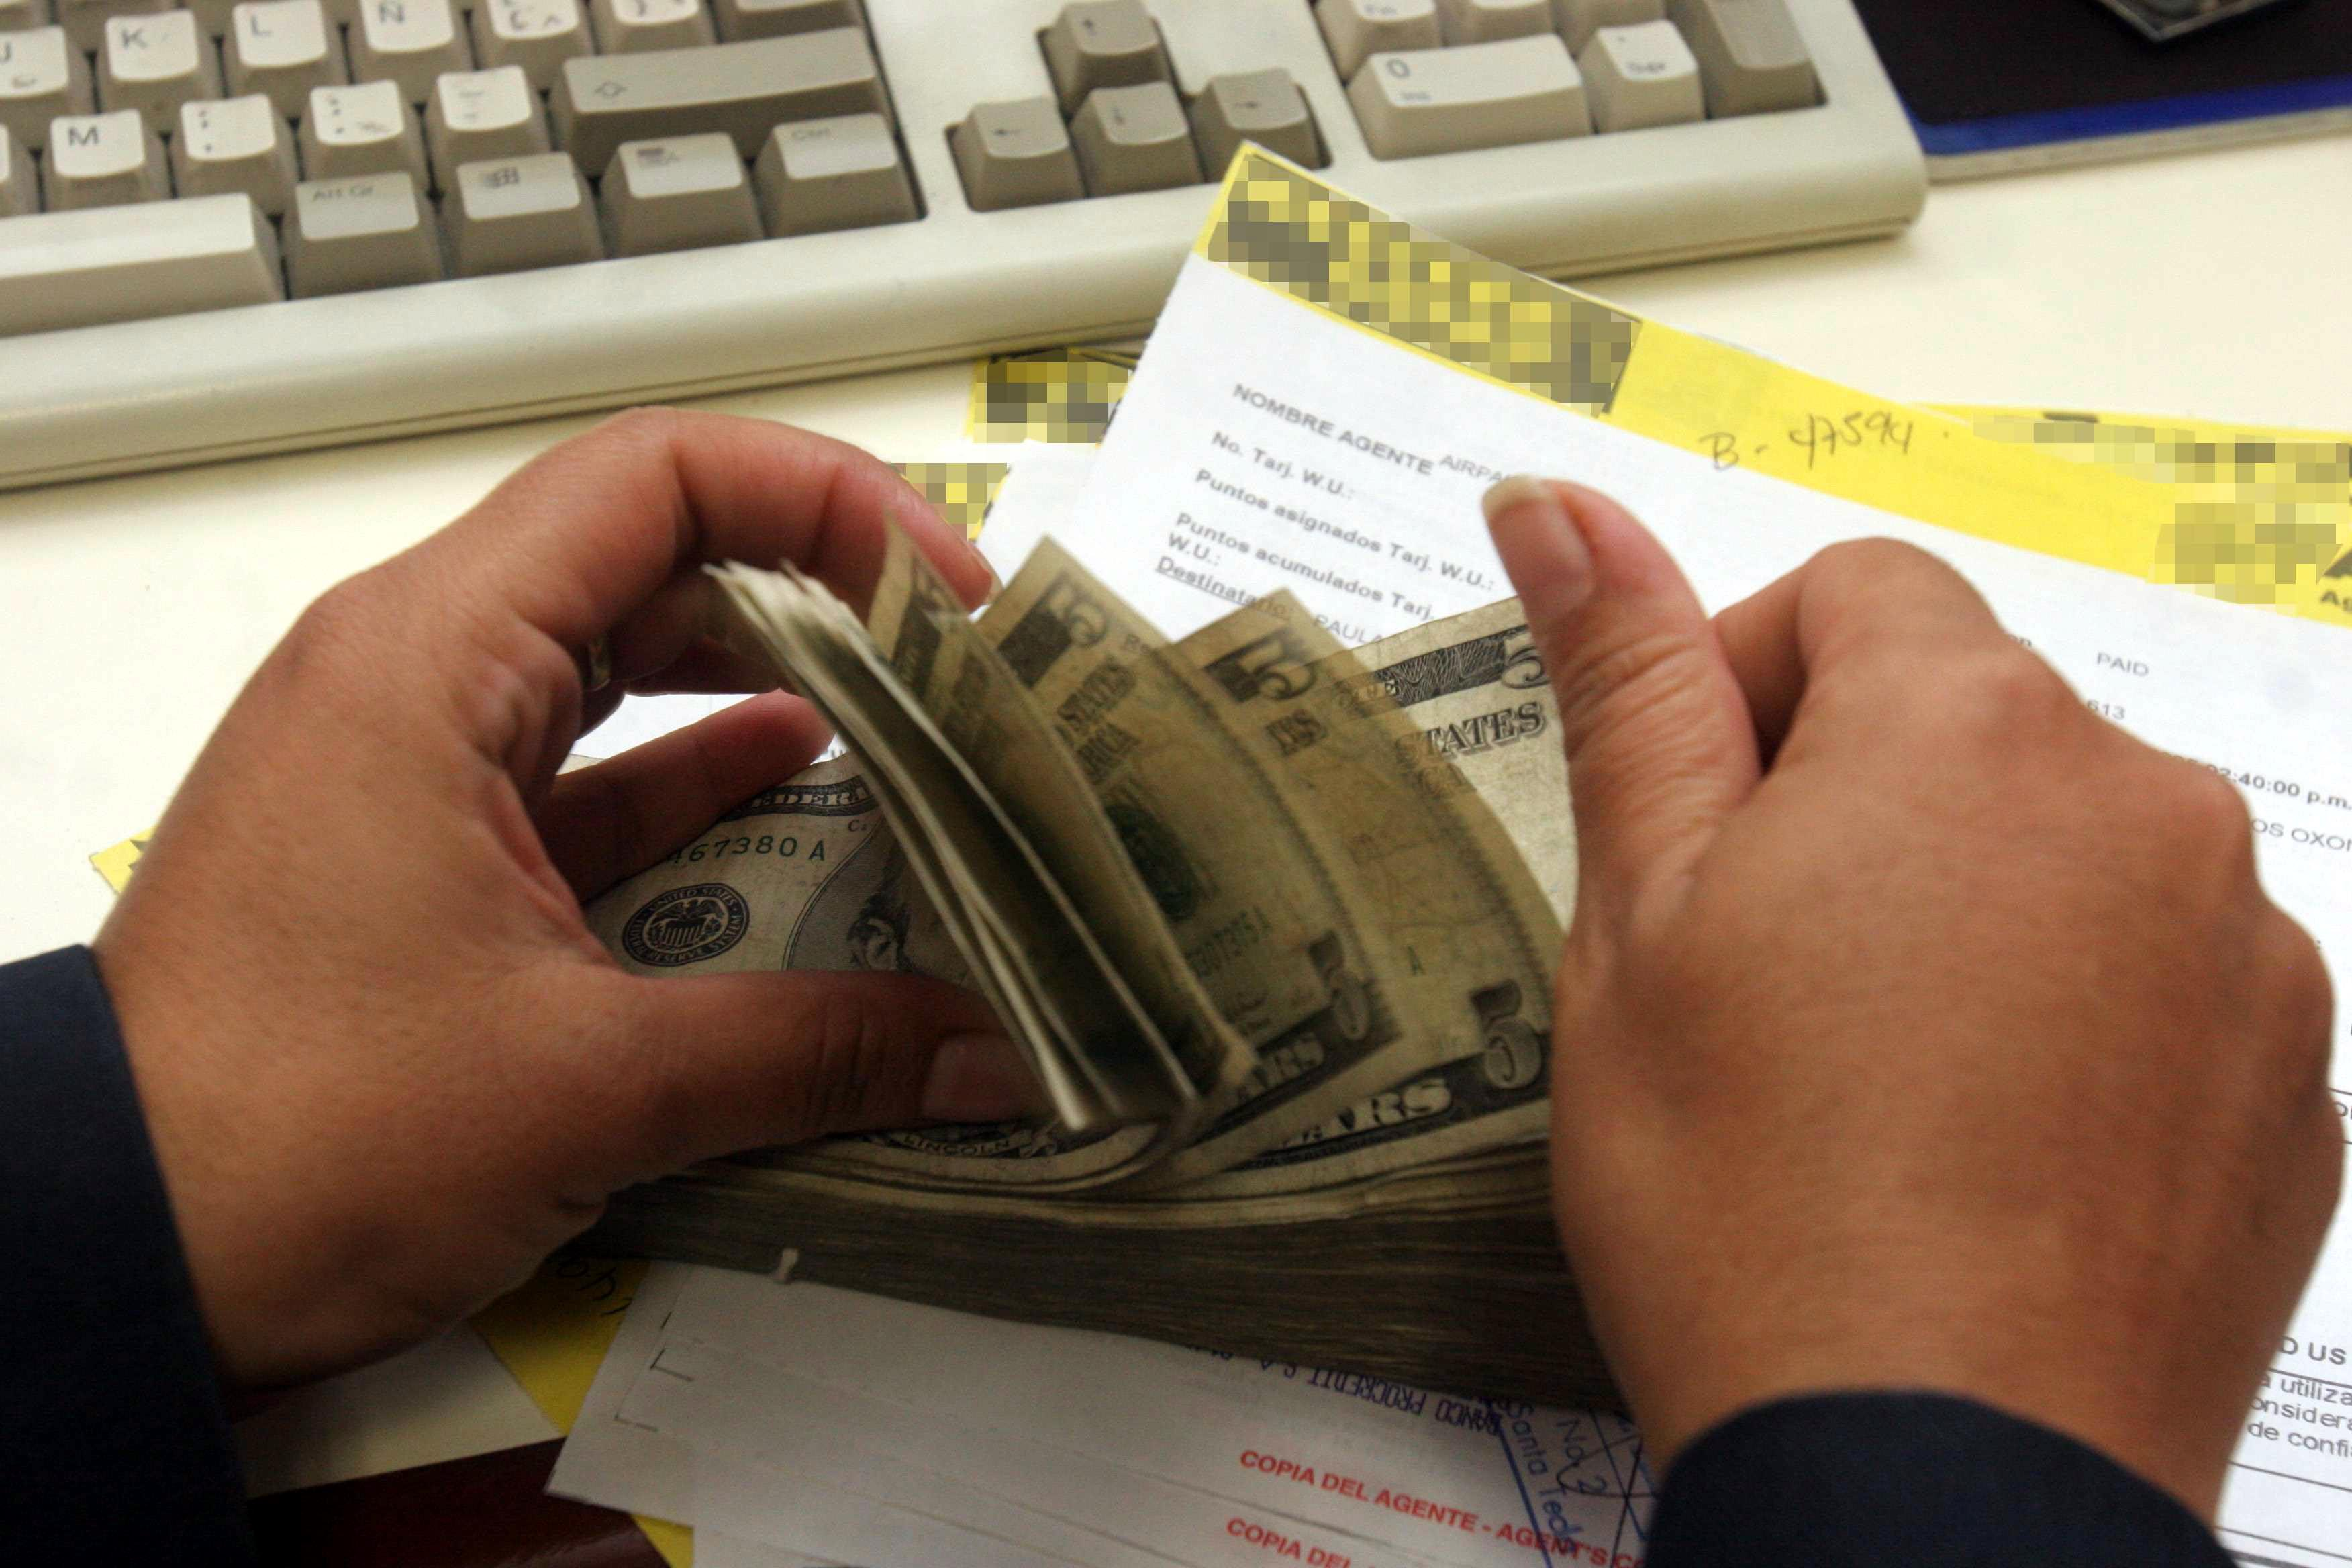 Bolivia recibió $us 1.145 millones por remesas entre enero y noviembre de 2018: BCB